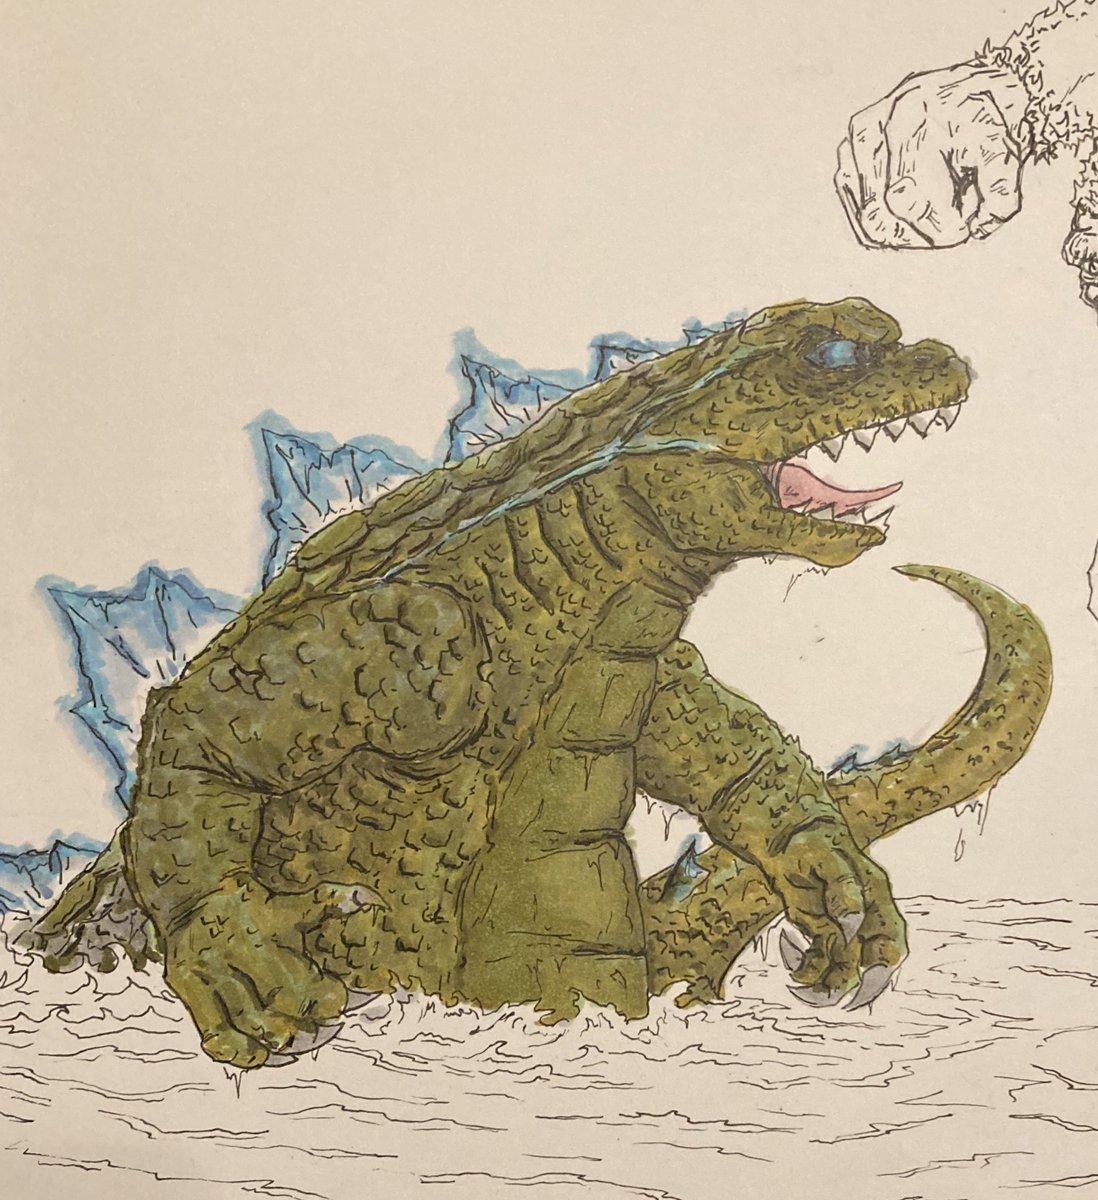 Work in progress.  Godzilla in Copic markers.  #godzilla #godzillavskong #monster #drawing #art #comics #comicart #movies #teamgodzilla